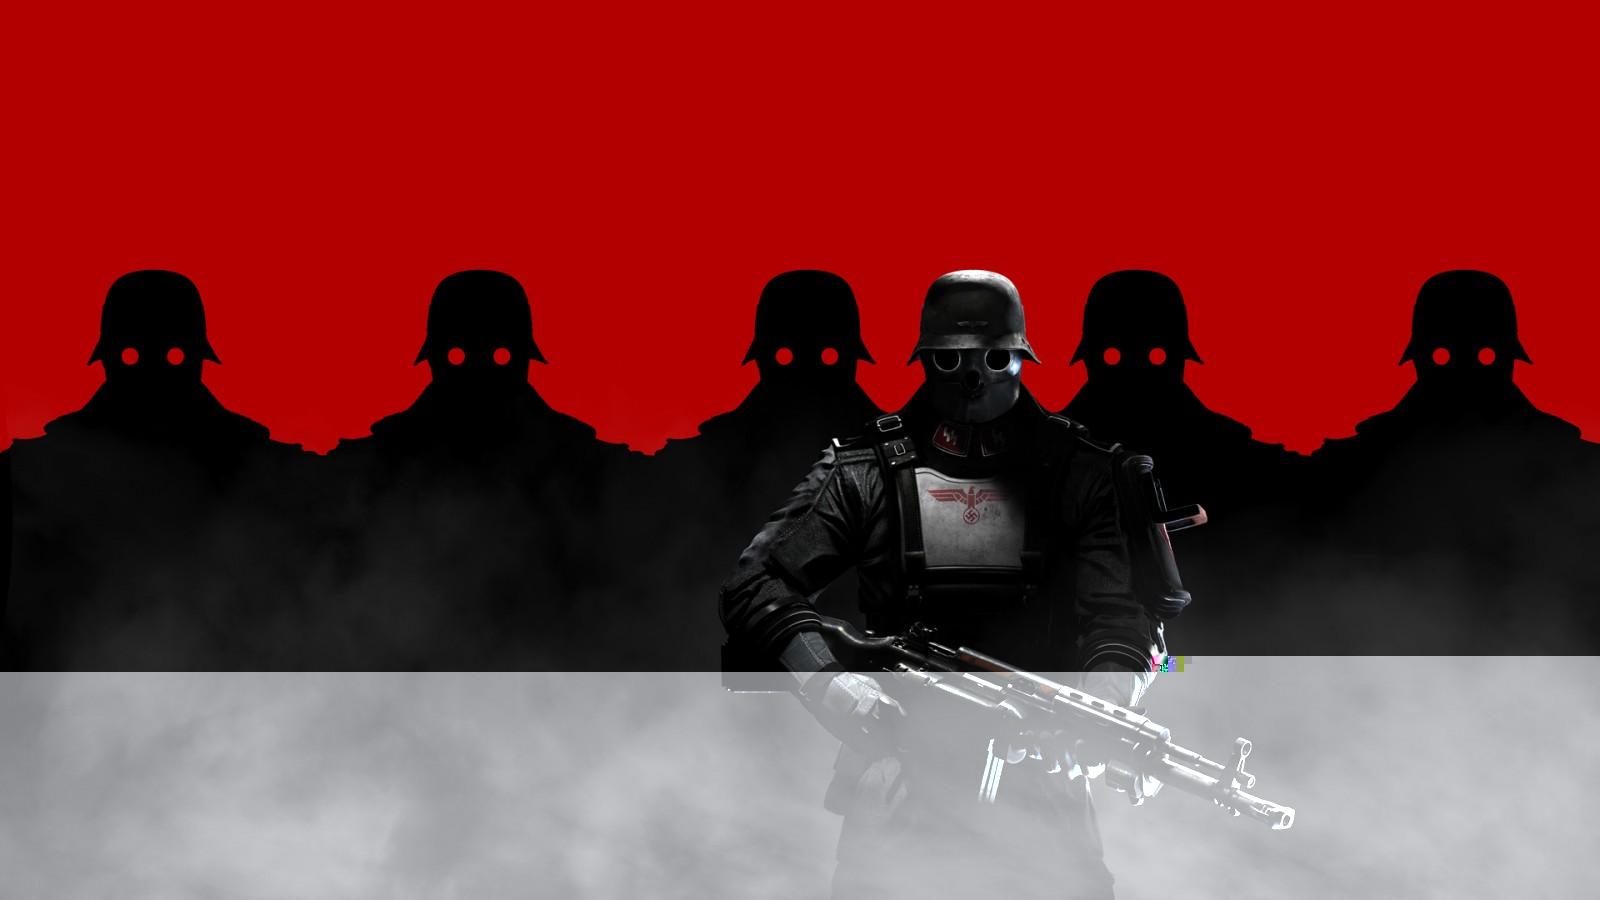 wolfenstein-the-new-order-9